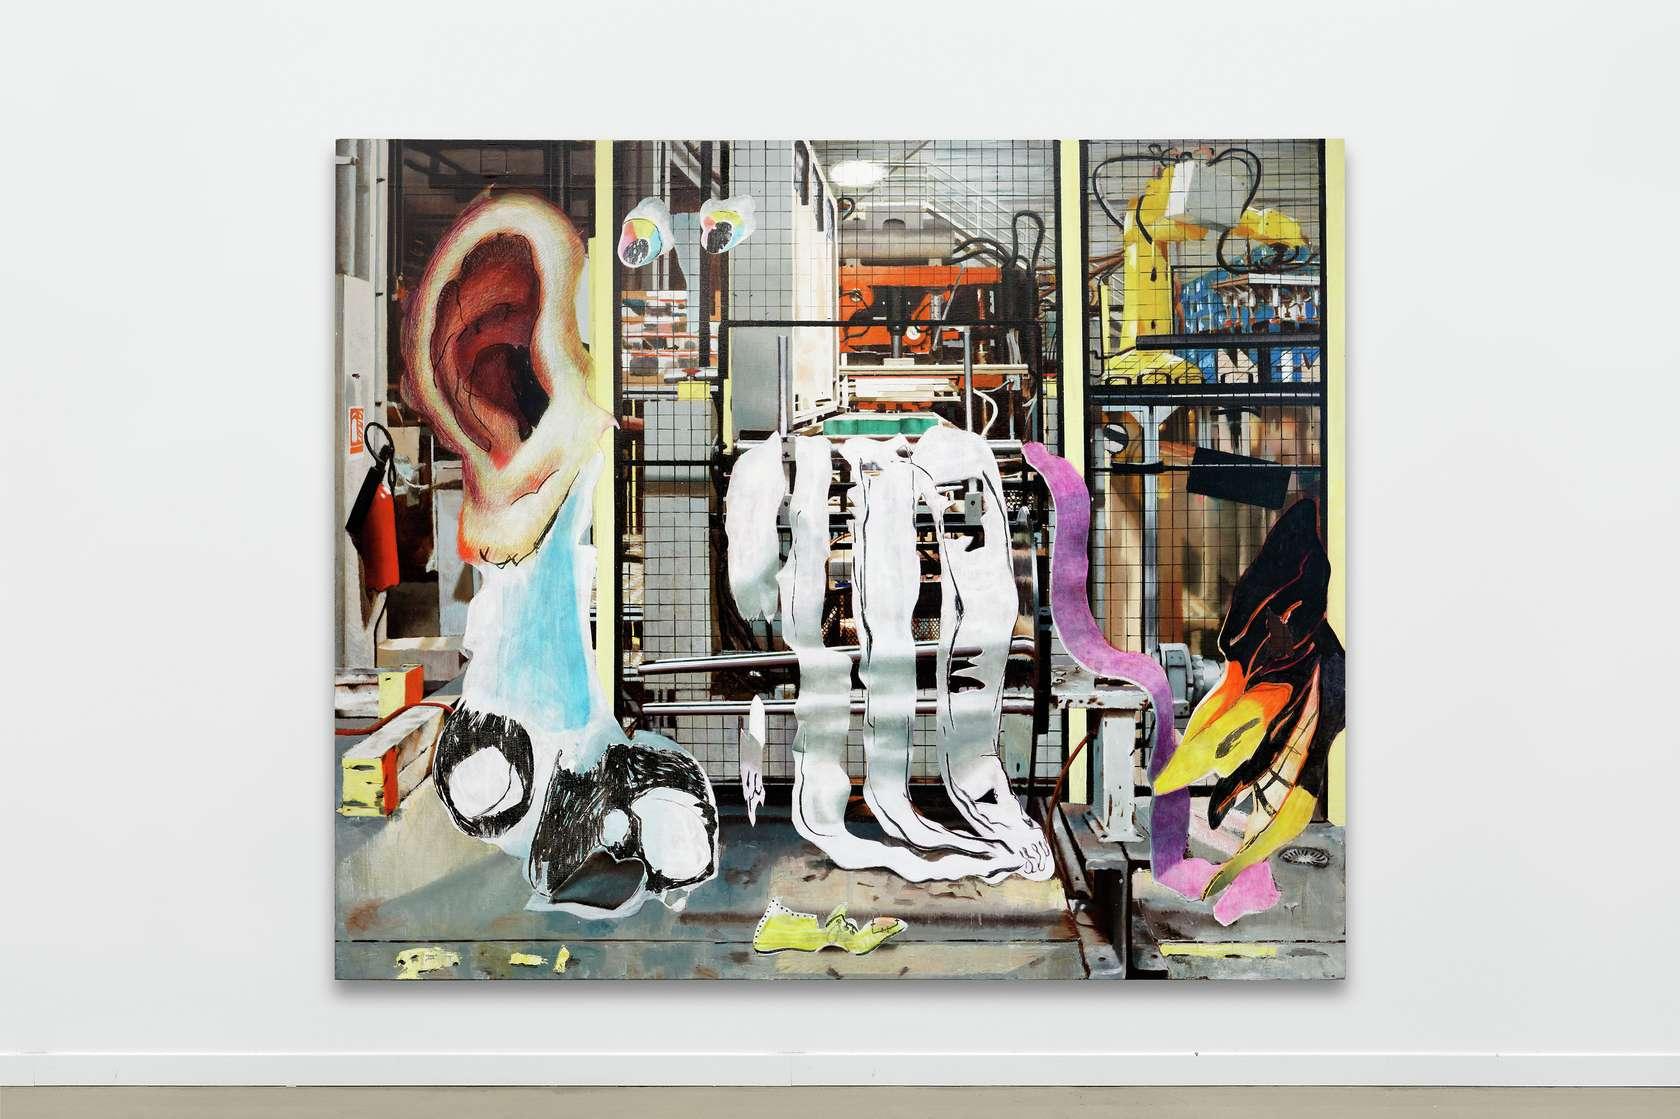 Laurent Proux, La jungle éléctrique, 2018 Huile sur toile200 × 240 cm / 78 6/8 × 94 1/2 in.